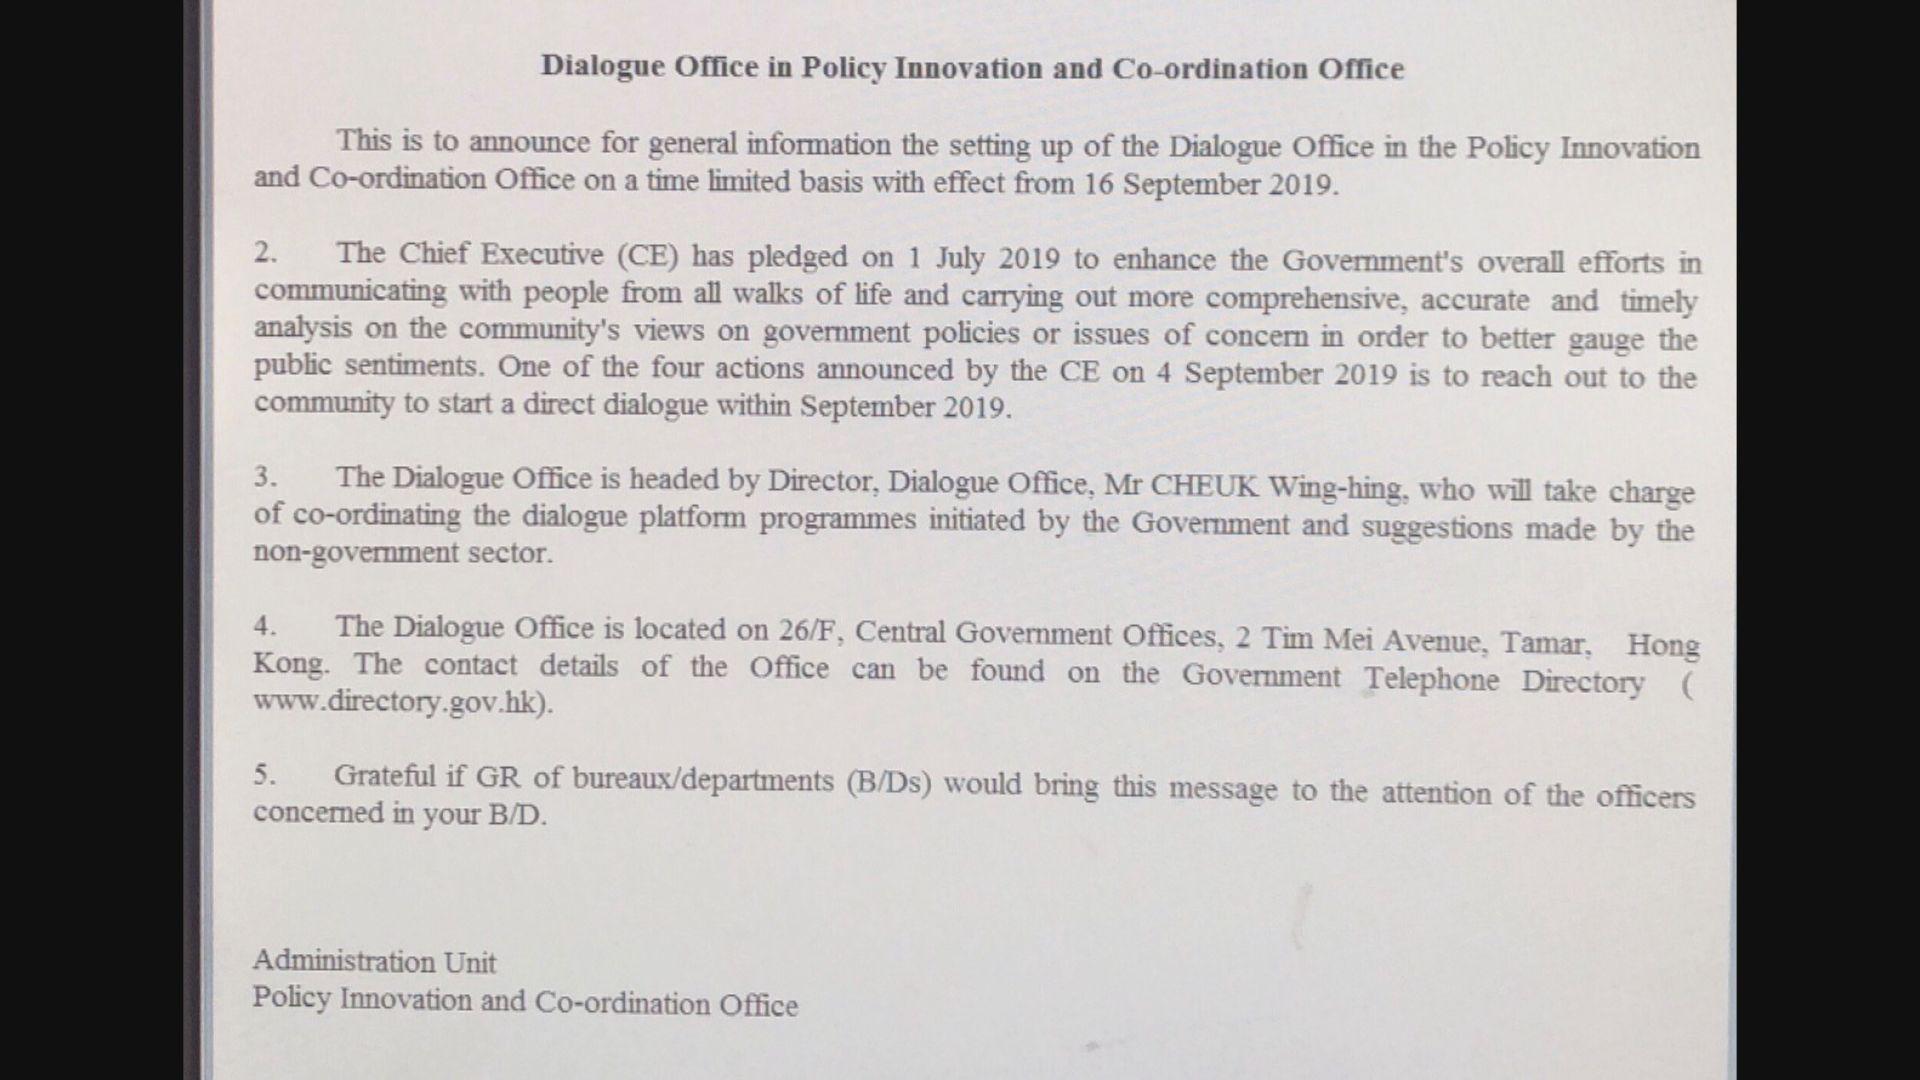 政府成立「對話辦公室」 隸屬創新辦